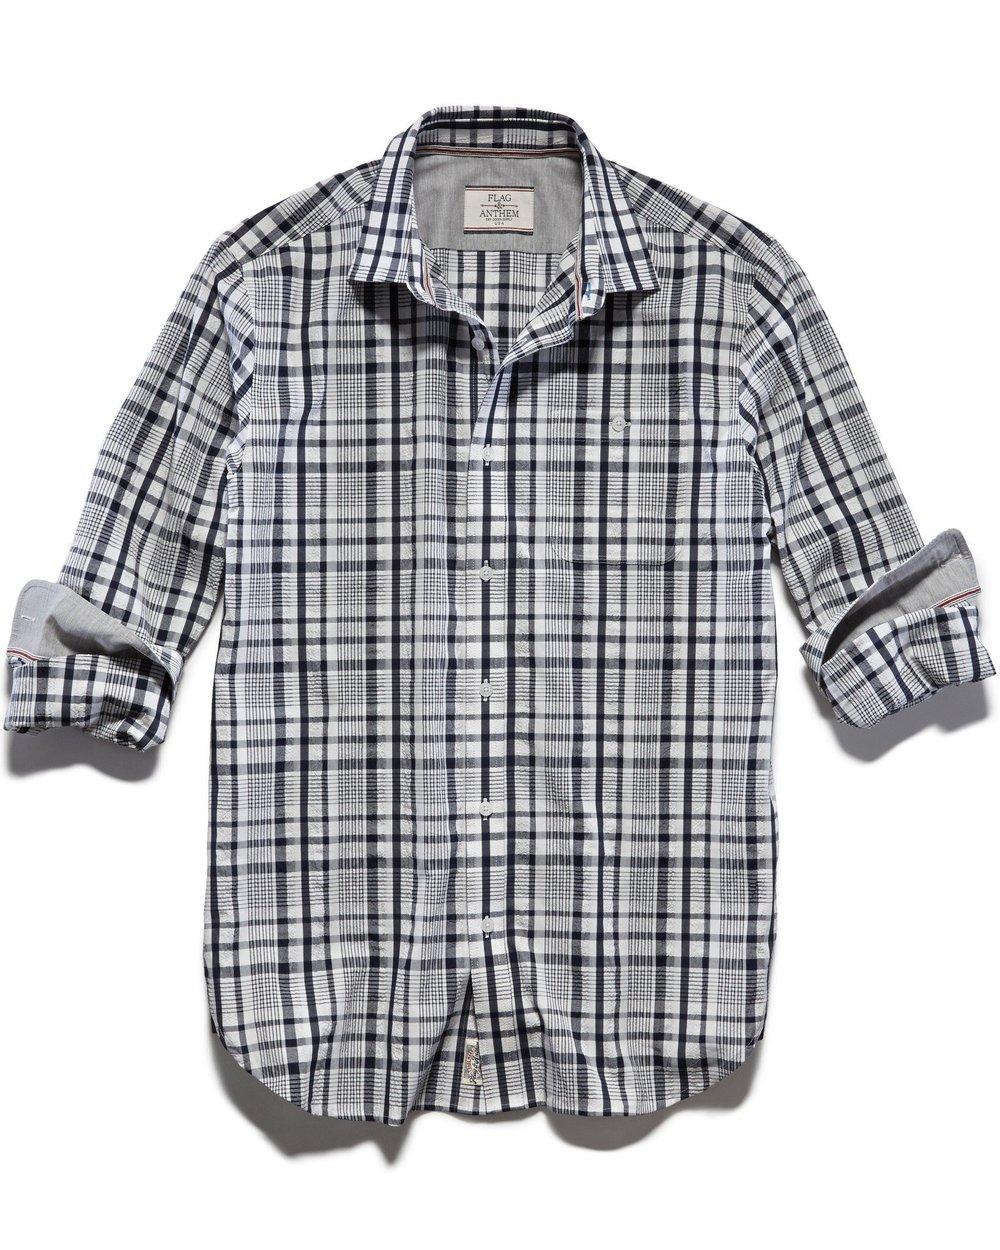 Fairfax Shirt $59.50